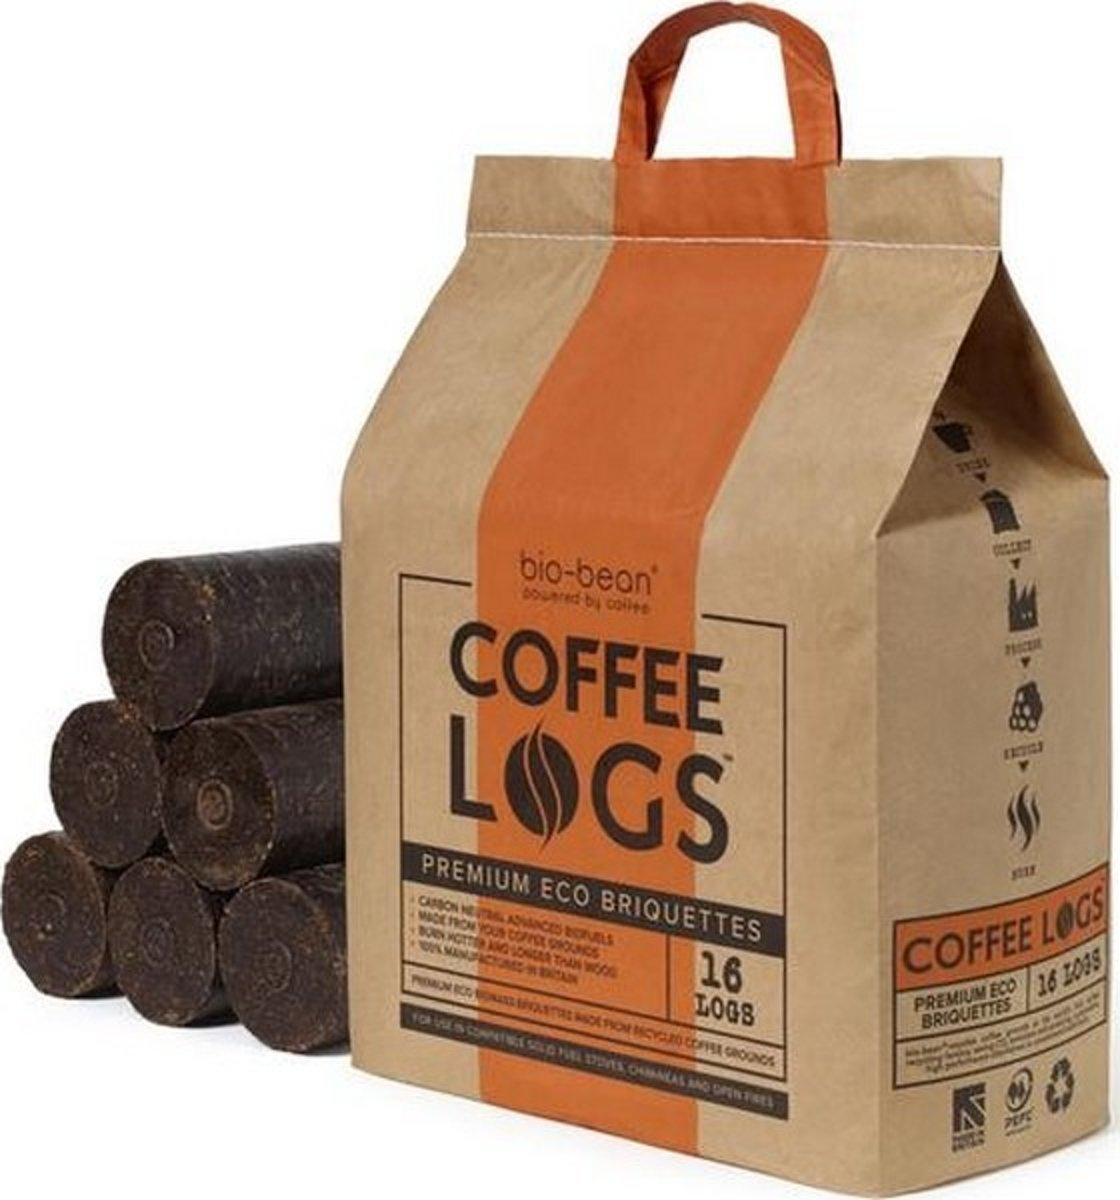 Eco koffiebriketten - Coffee LOGS - 3 sets kopen